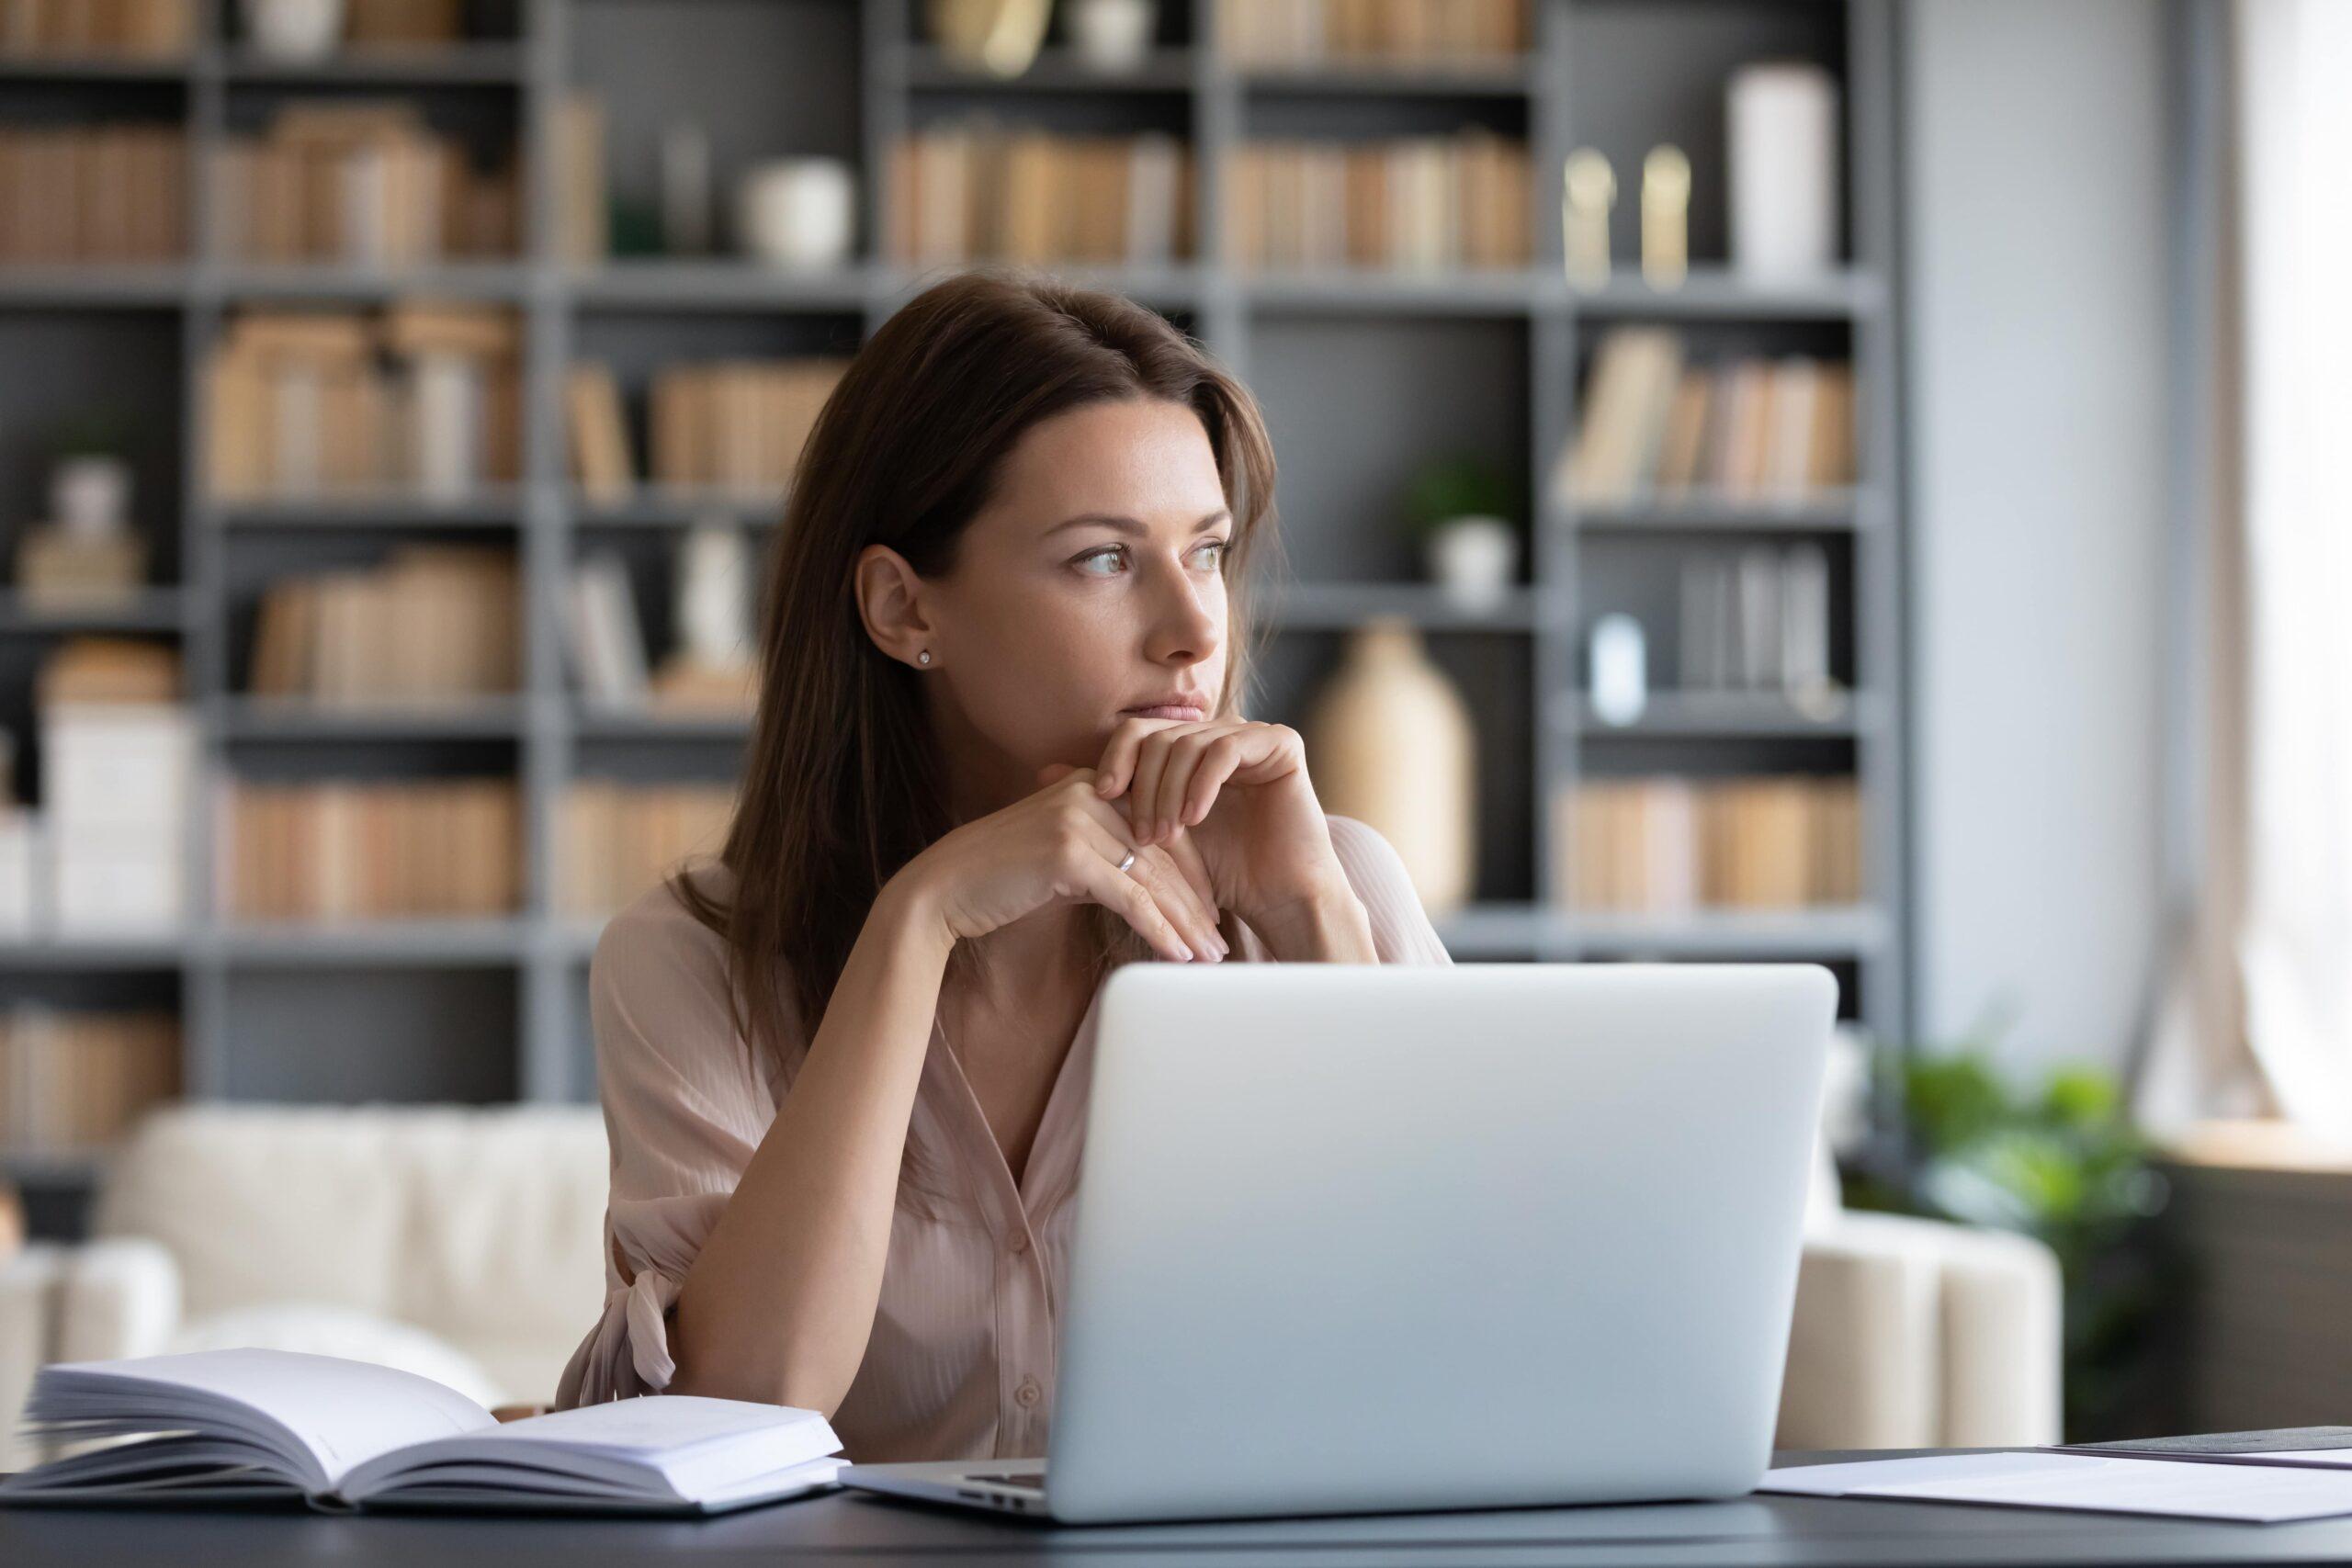 Oma ootustele vastava töö leidmine pole lihtne. Kuidas see õnnestuks?